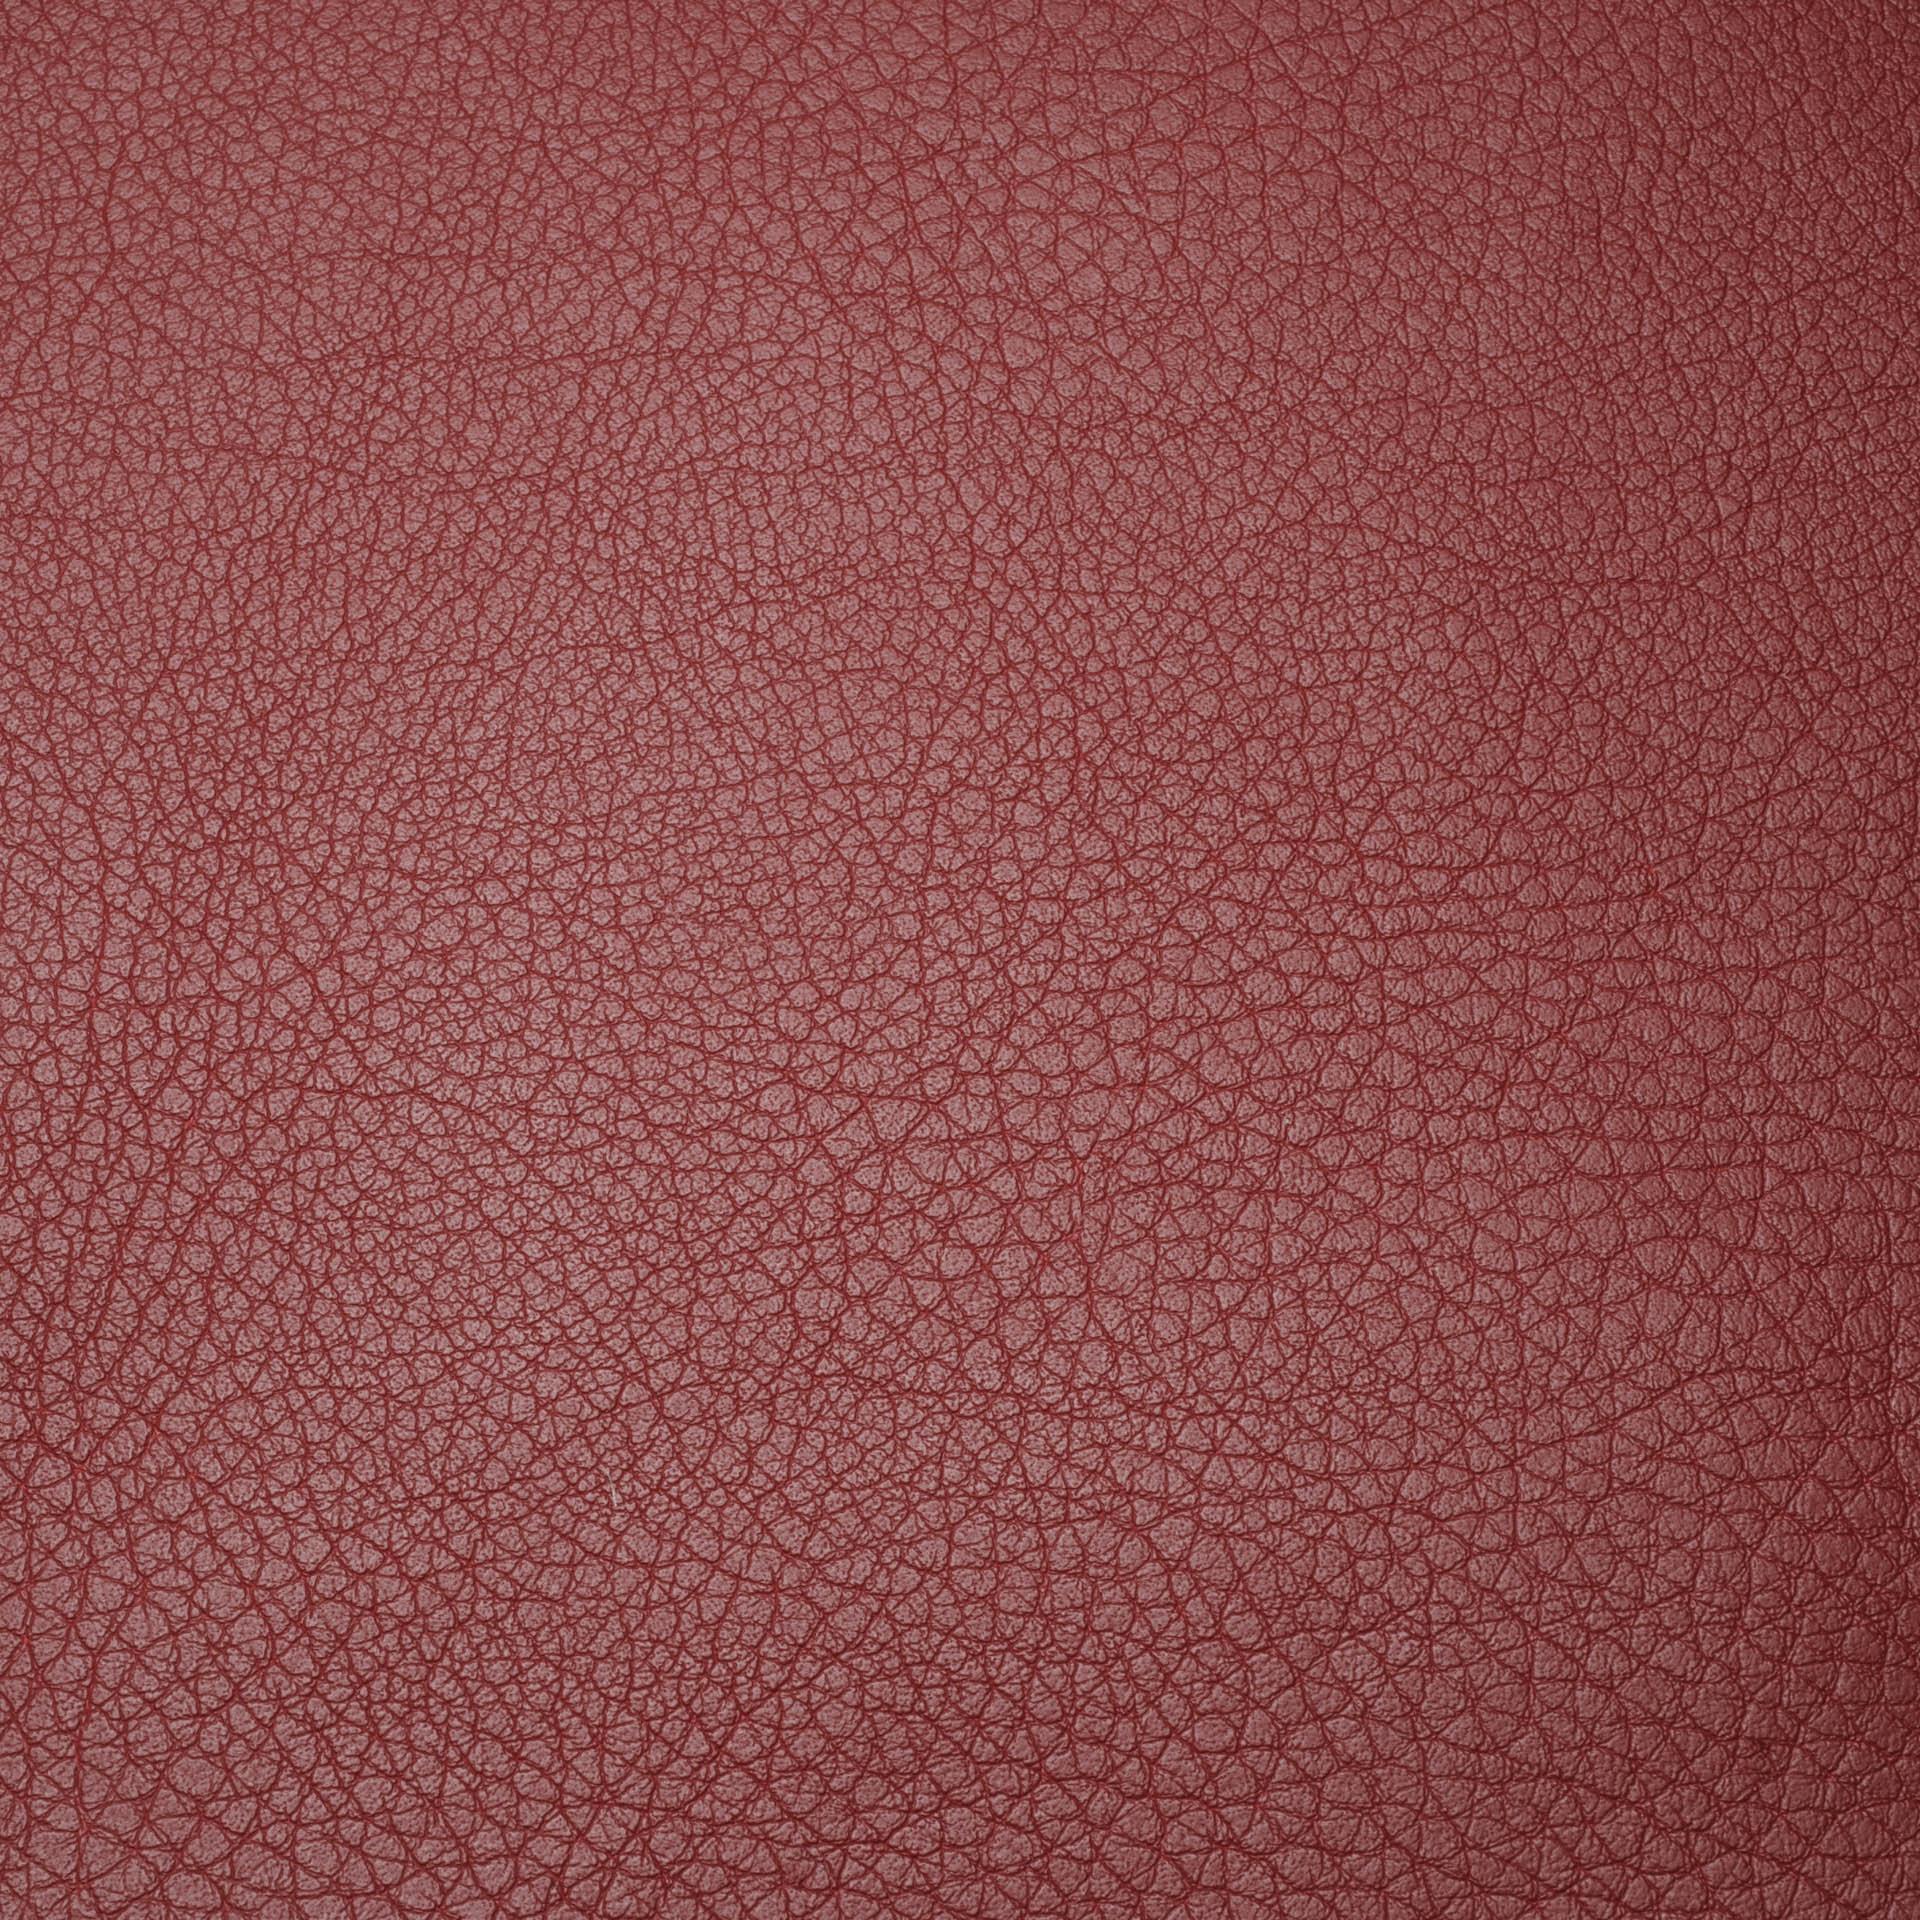 Коллекция ткани Софитель 18 Autumn leaves,  купить ткань Кож зам для мебели Украина